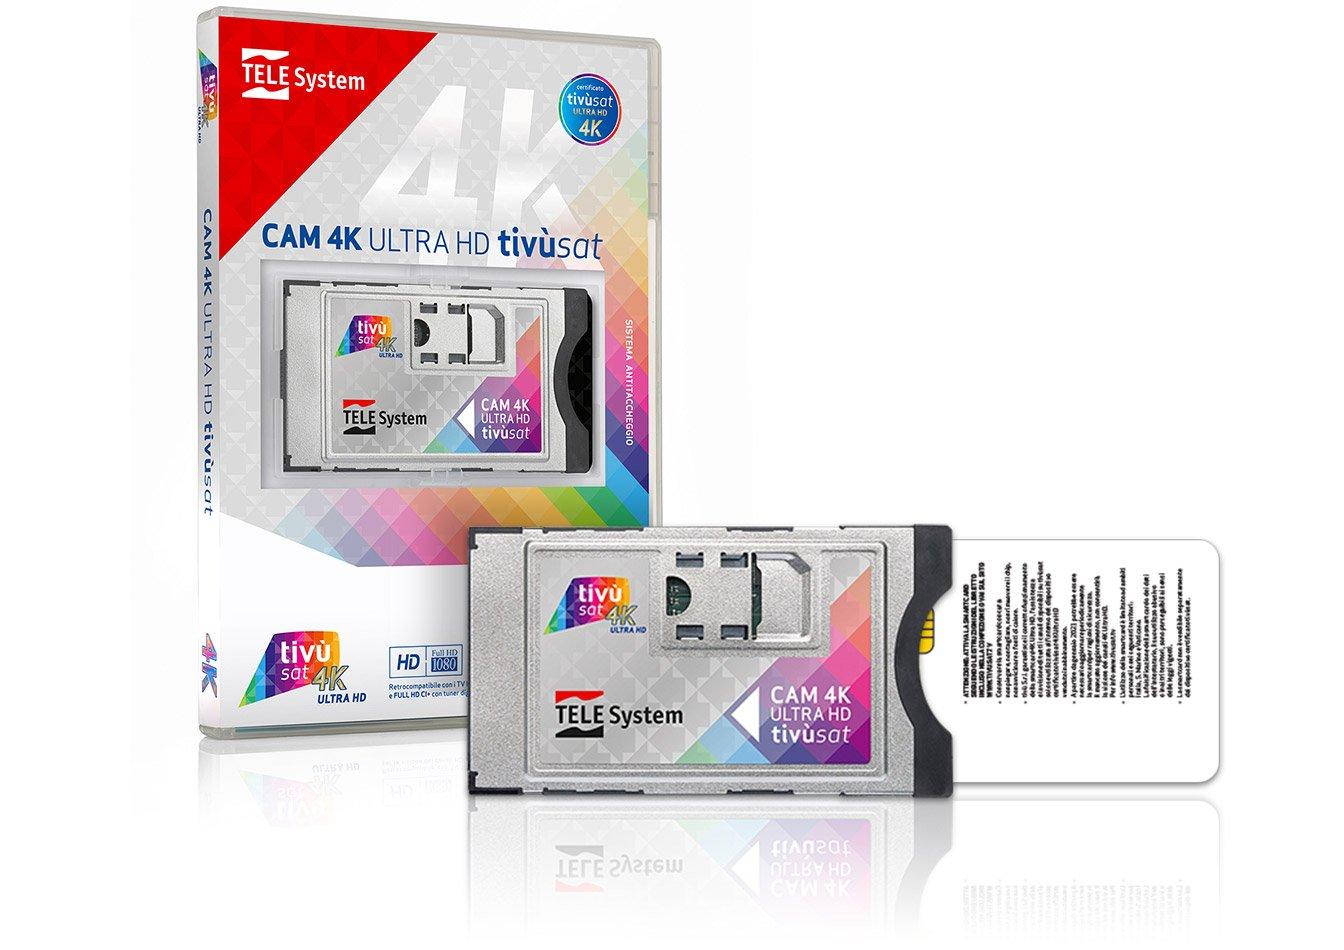 TELESYSTEM-4K-pack.jpg.2b77b1c9fa09829002900374786e36fc.jpg